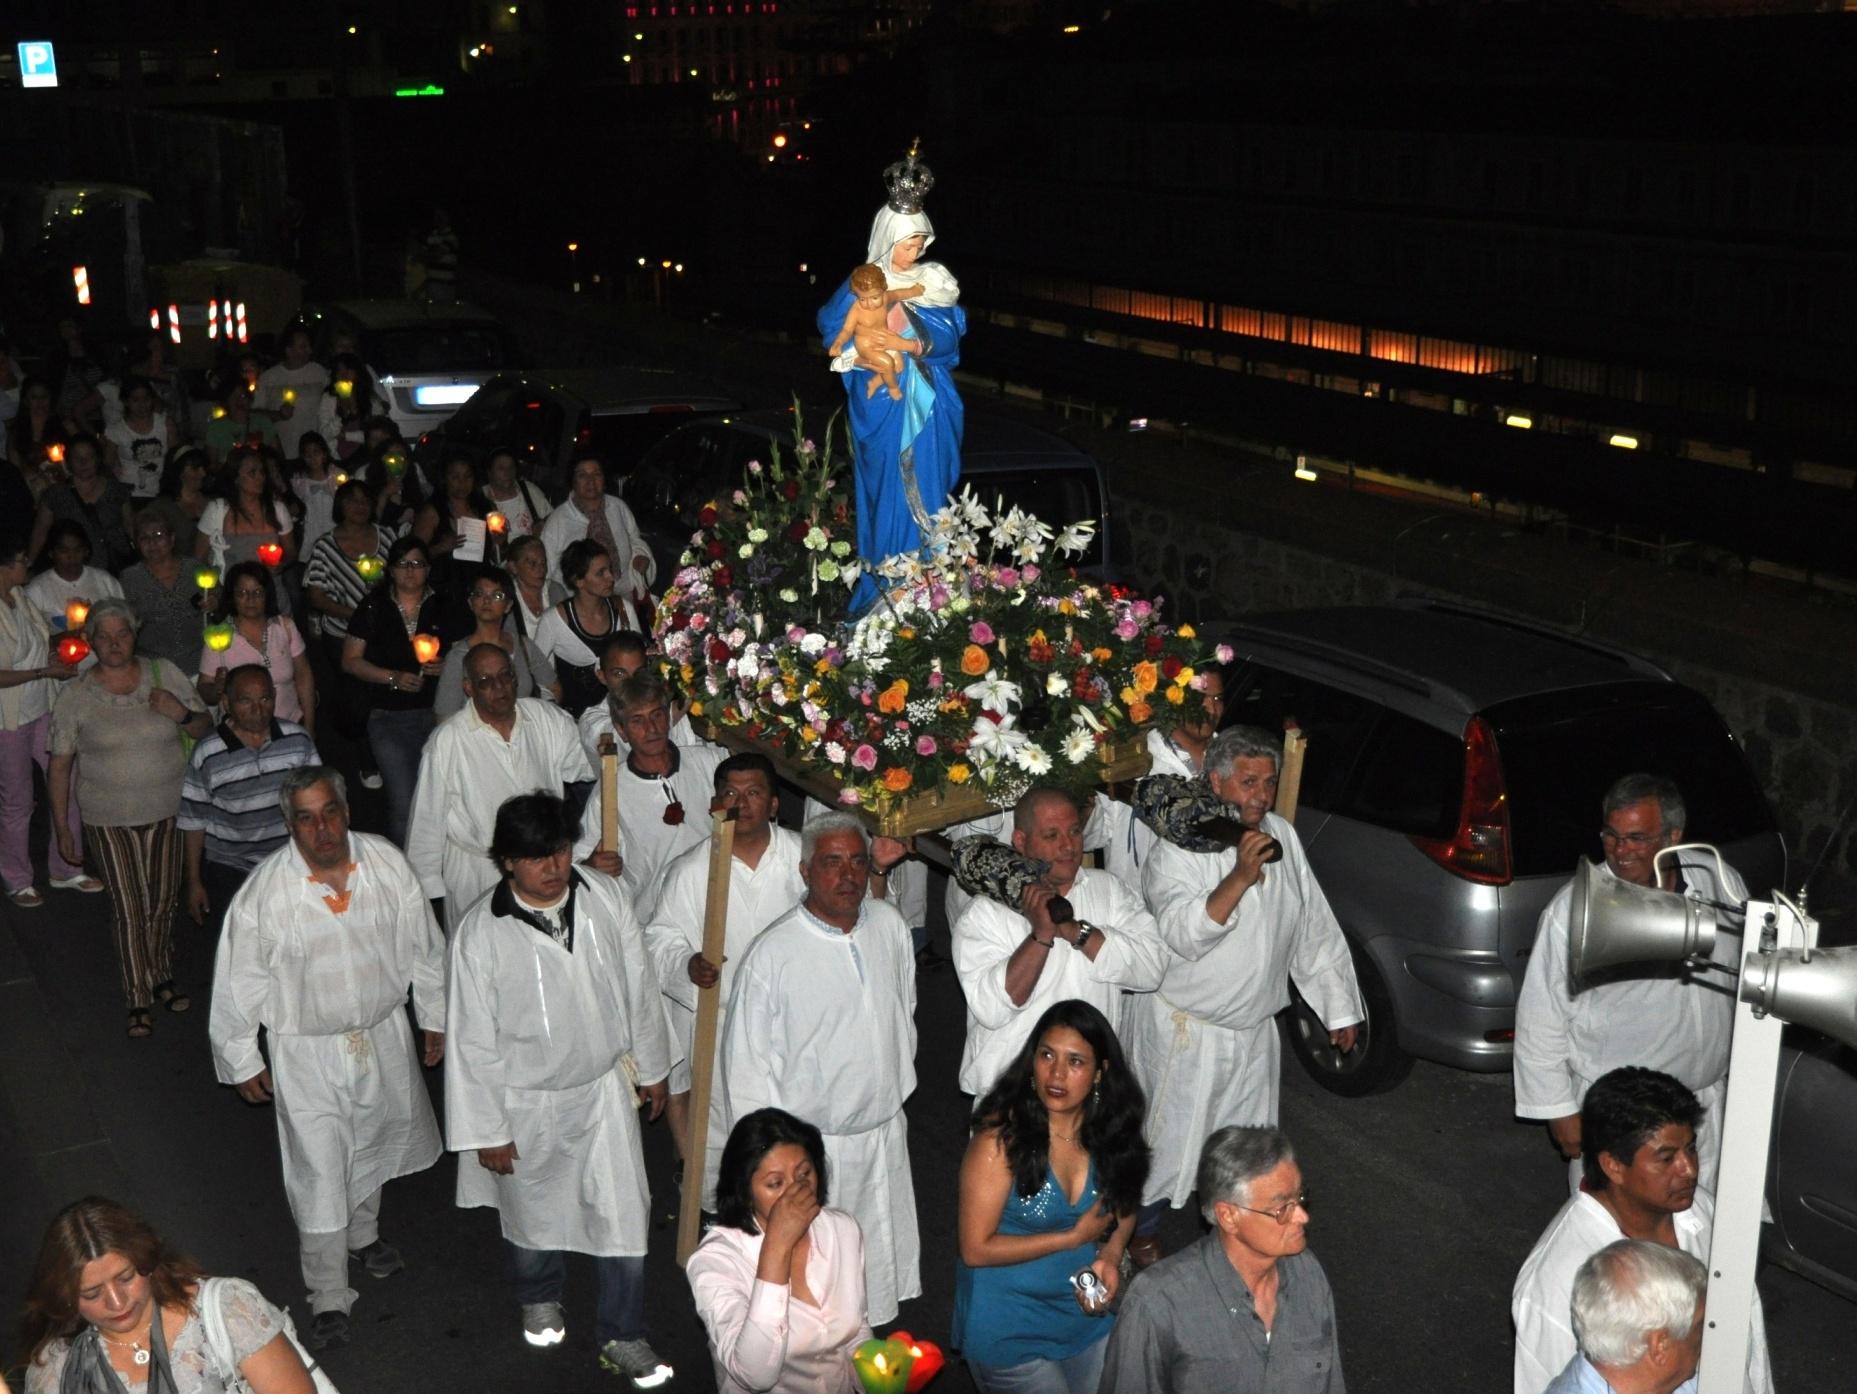 processione_madonna-2011-05-29-21-34-42